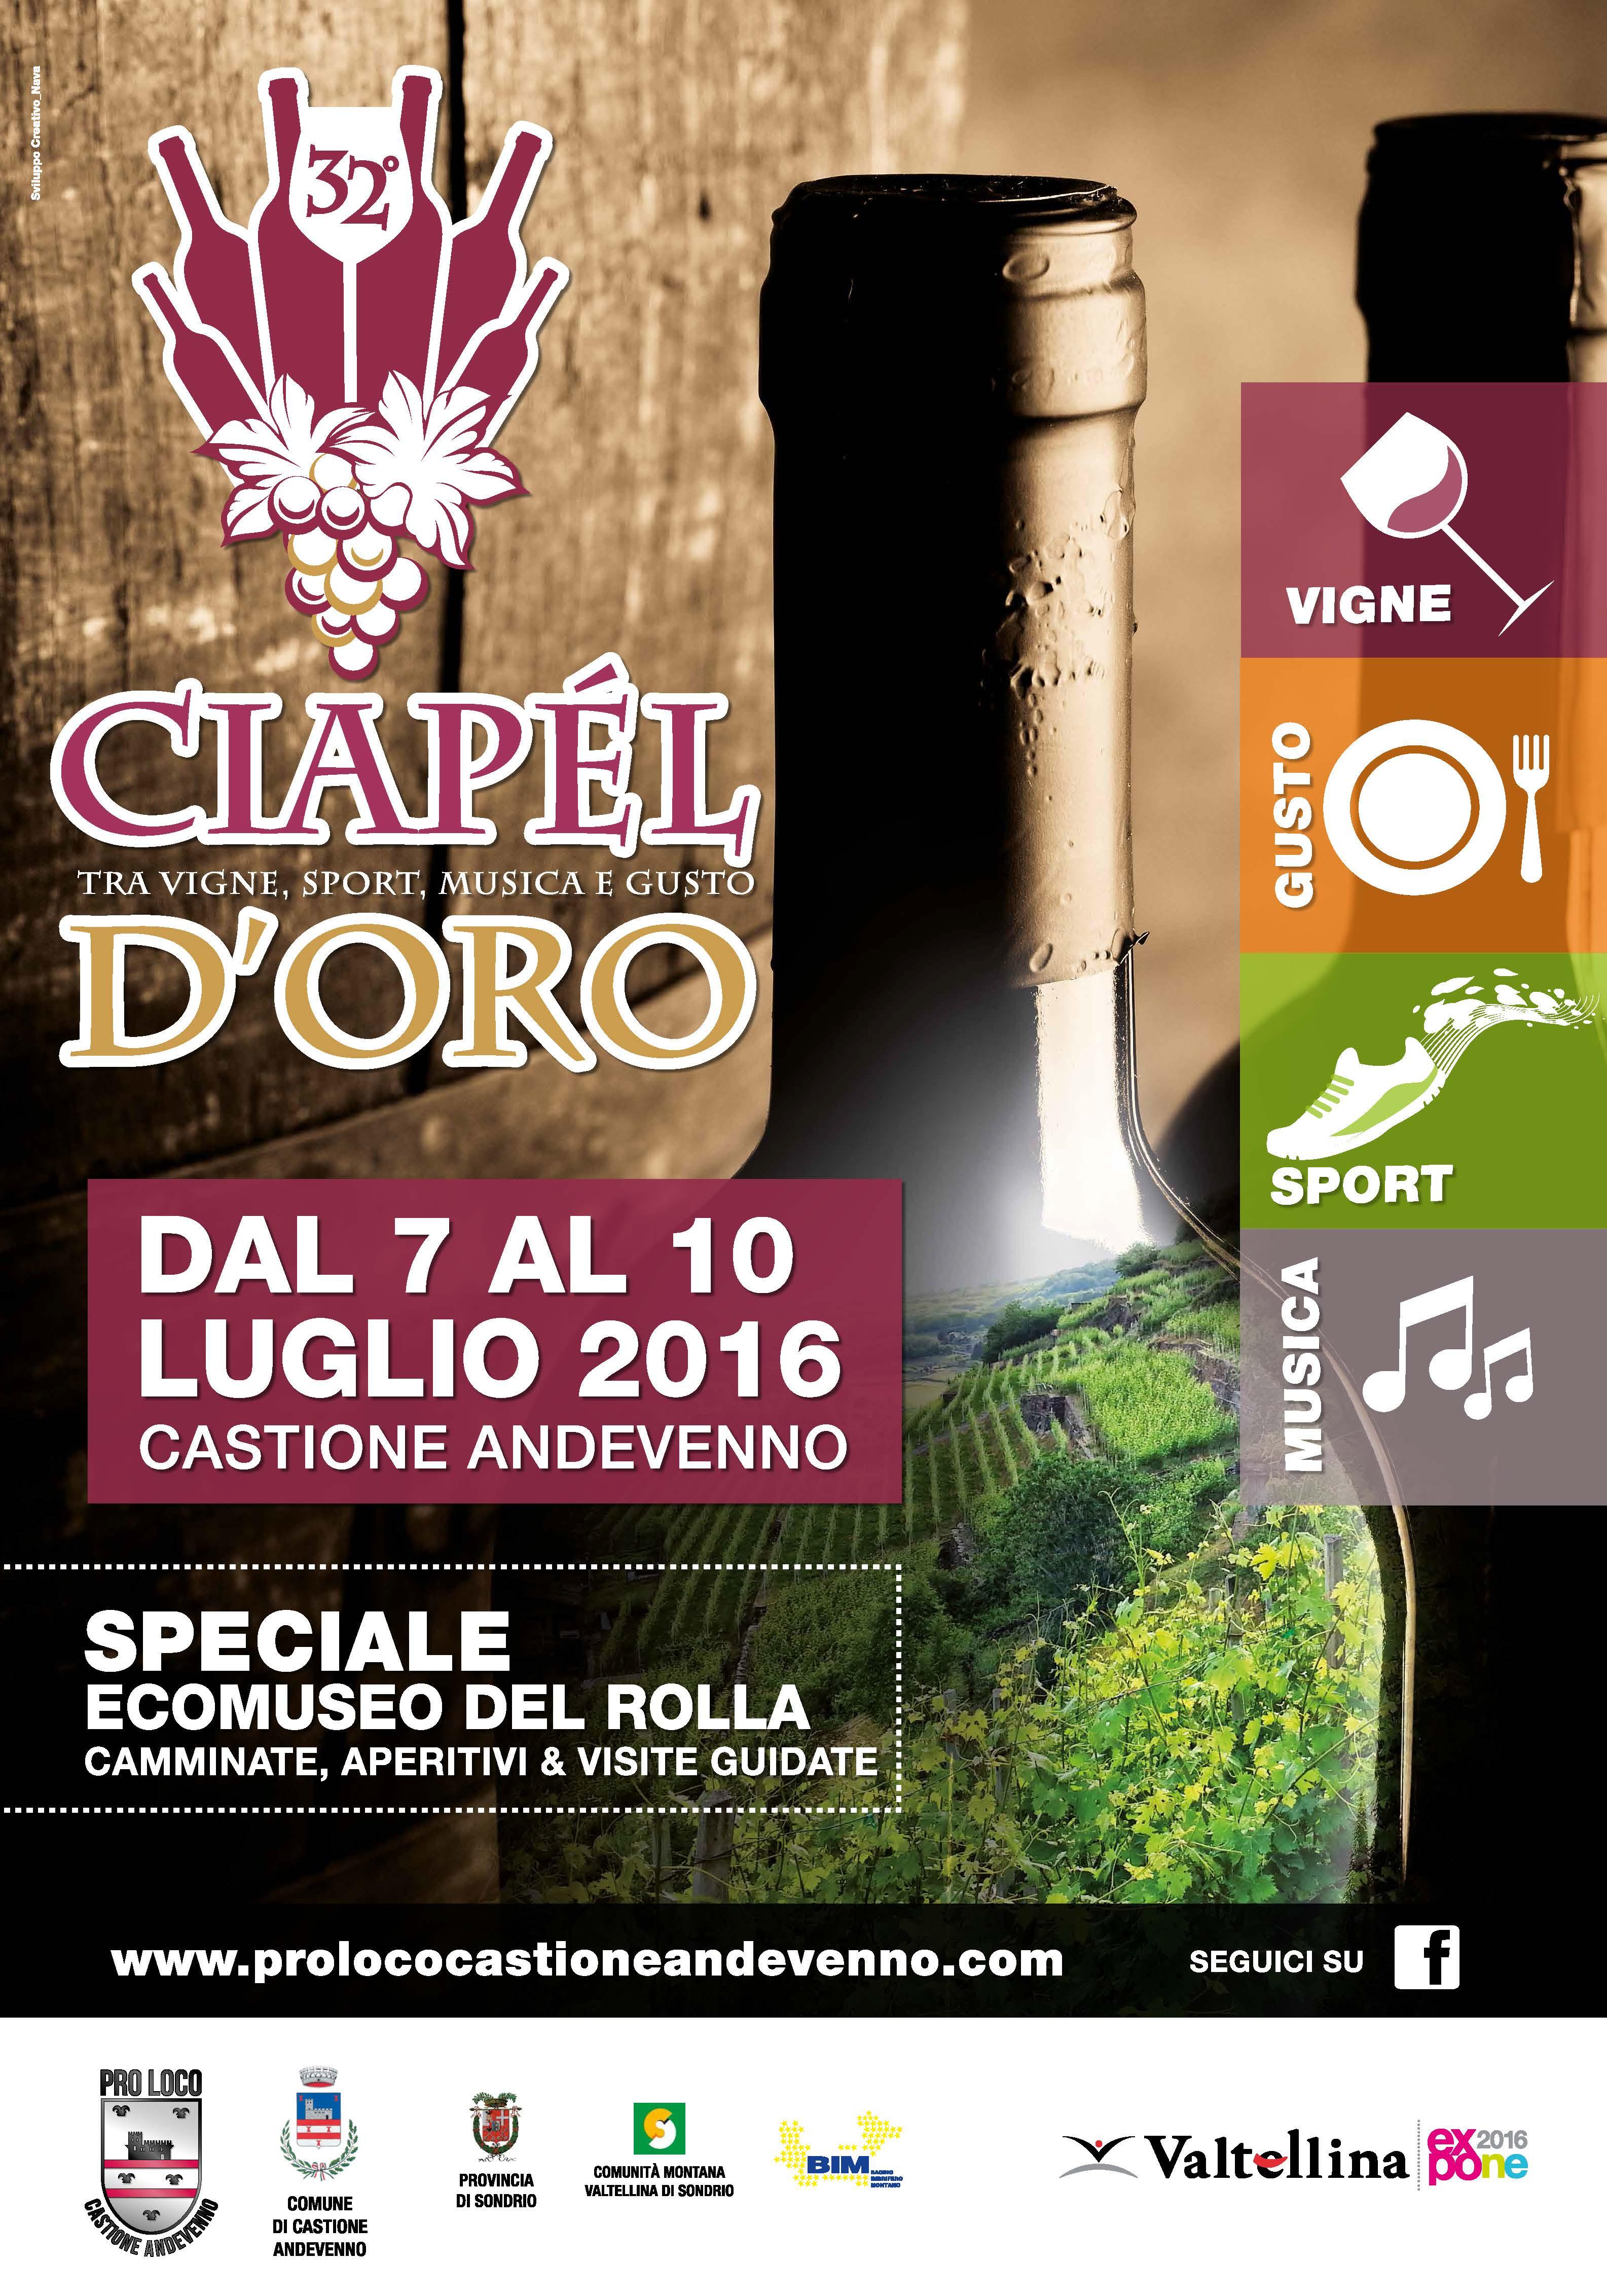 VIGNE, GUSTO, SPORT E MUSICA AL CIAPEL D'ORO 2016